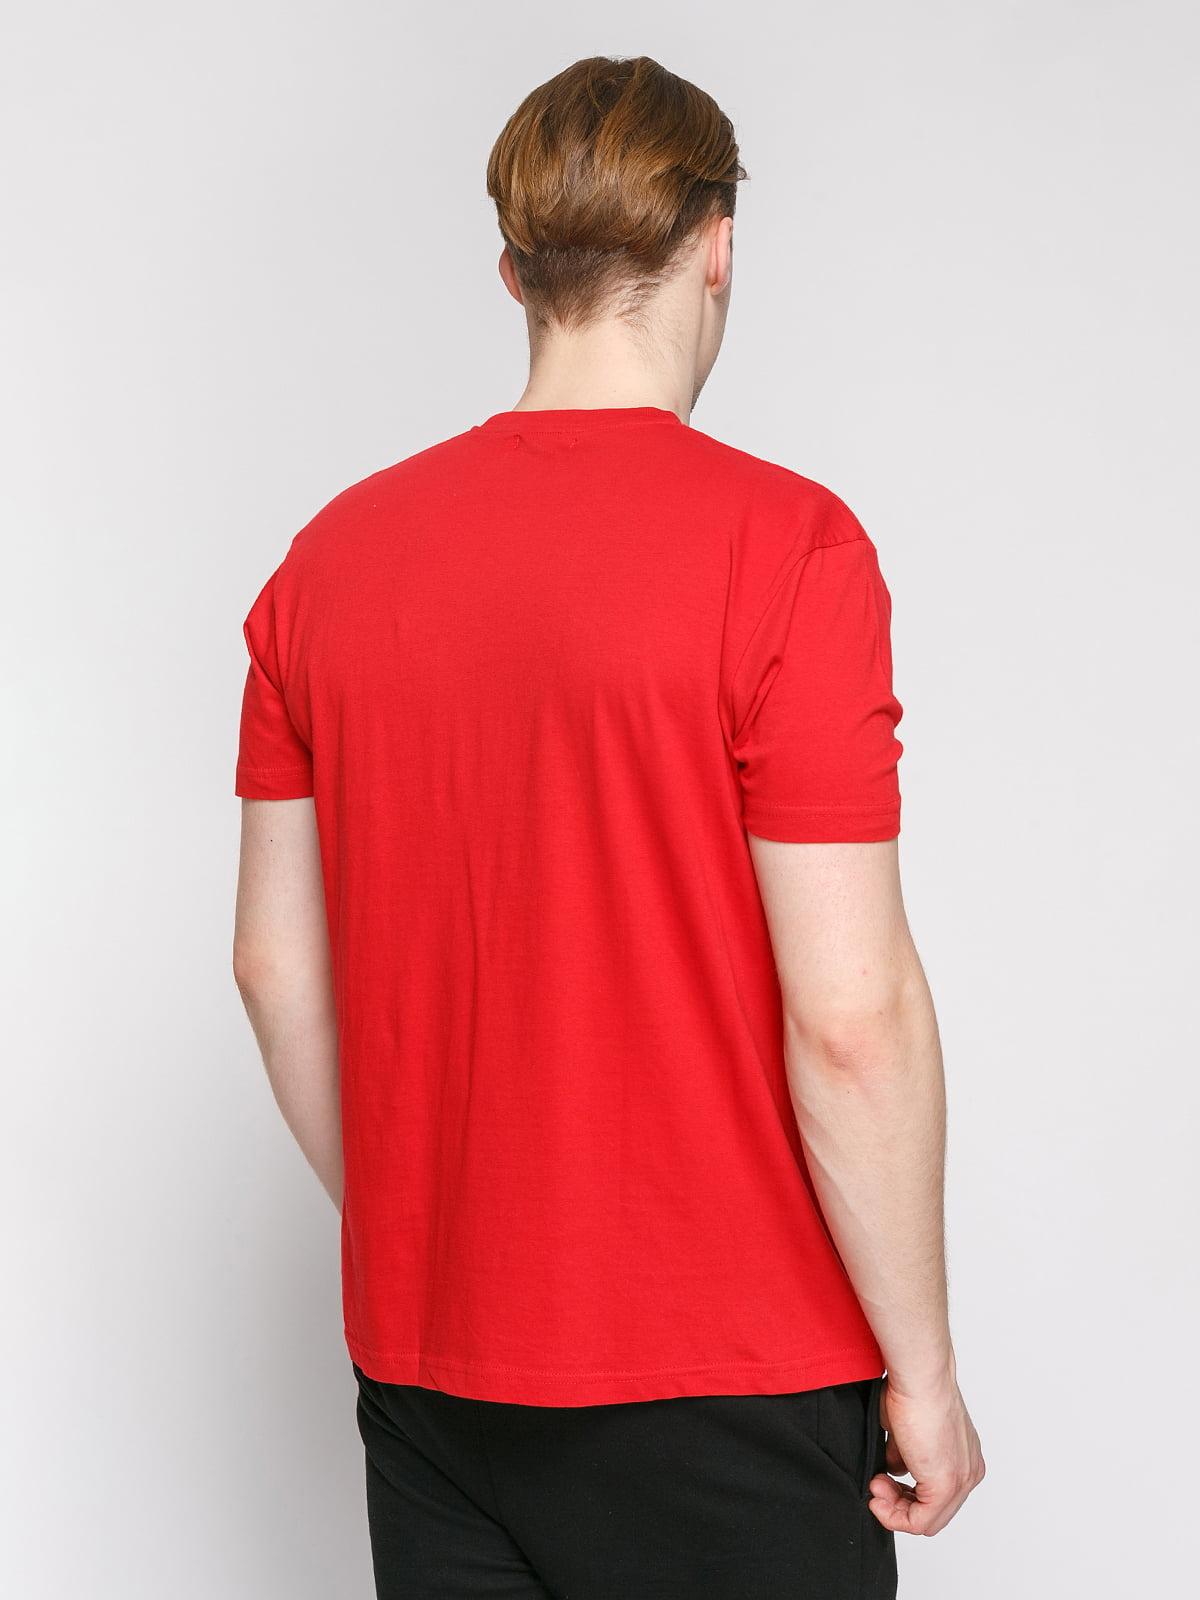 Футболка червона з принтом | 4854966 | фото 2